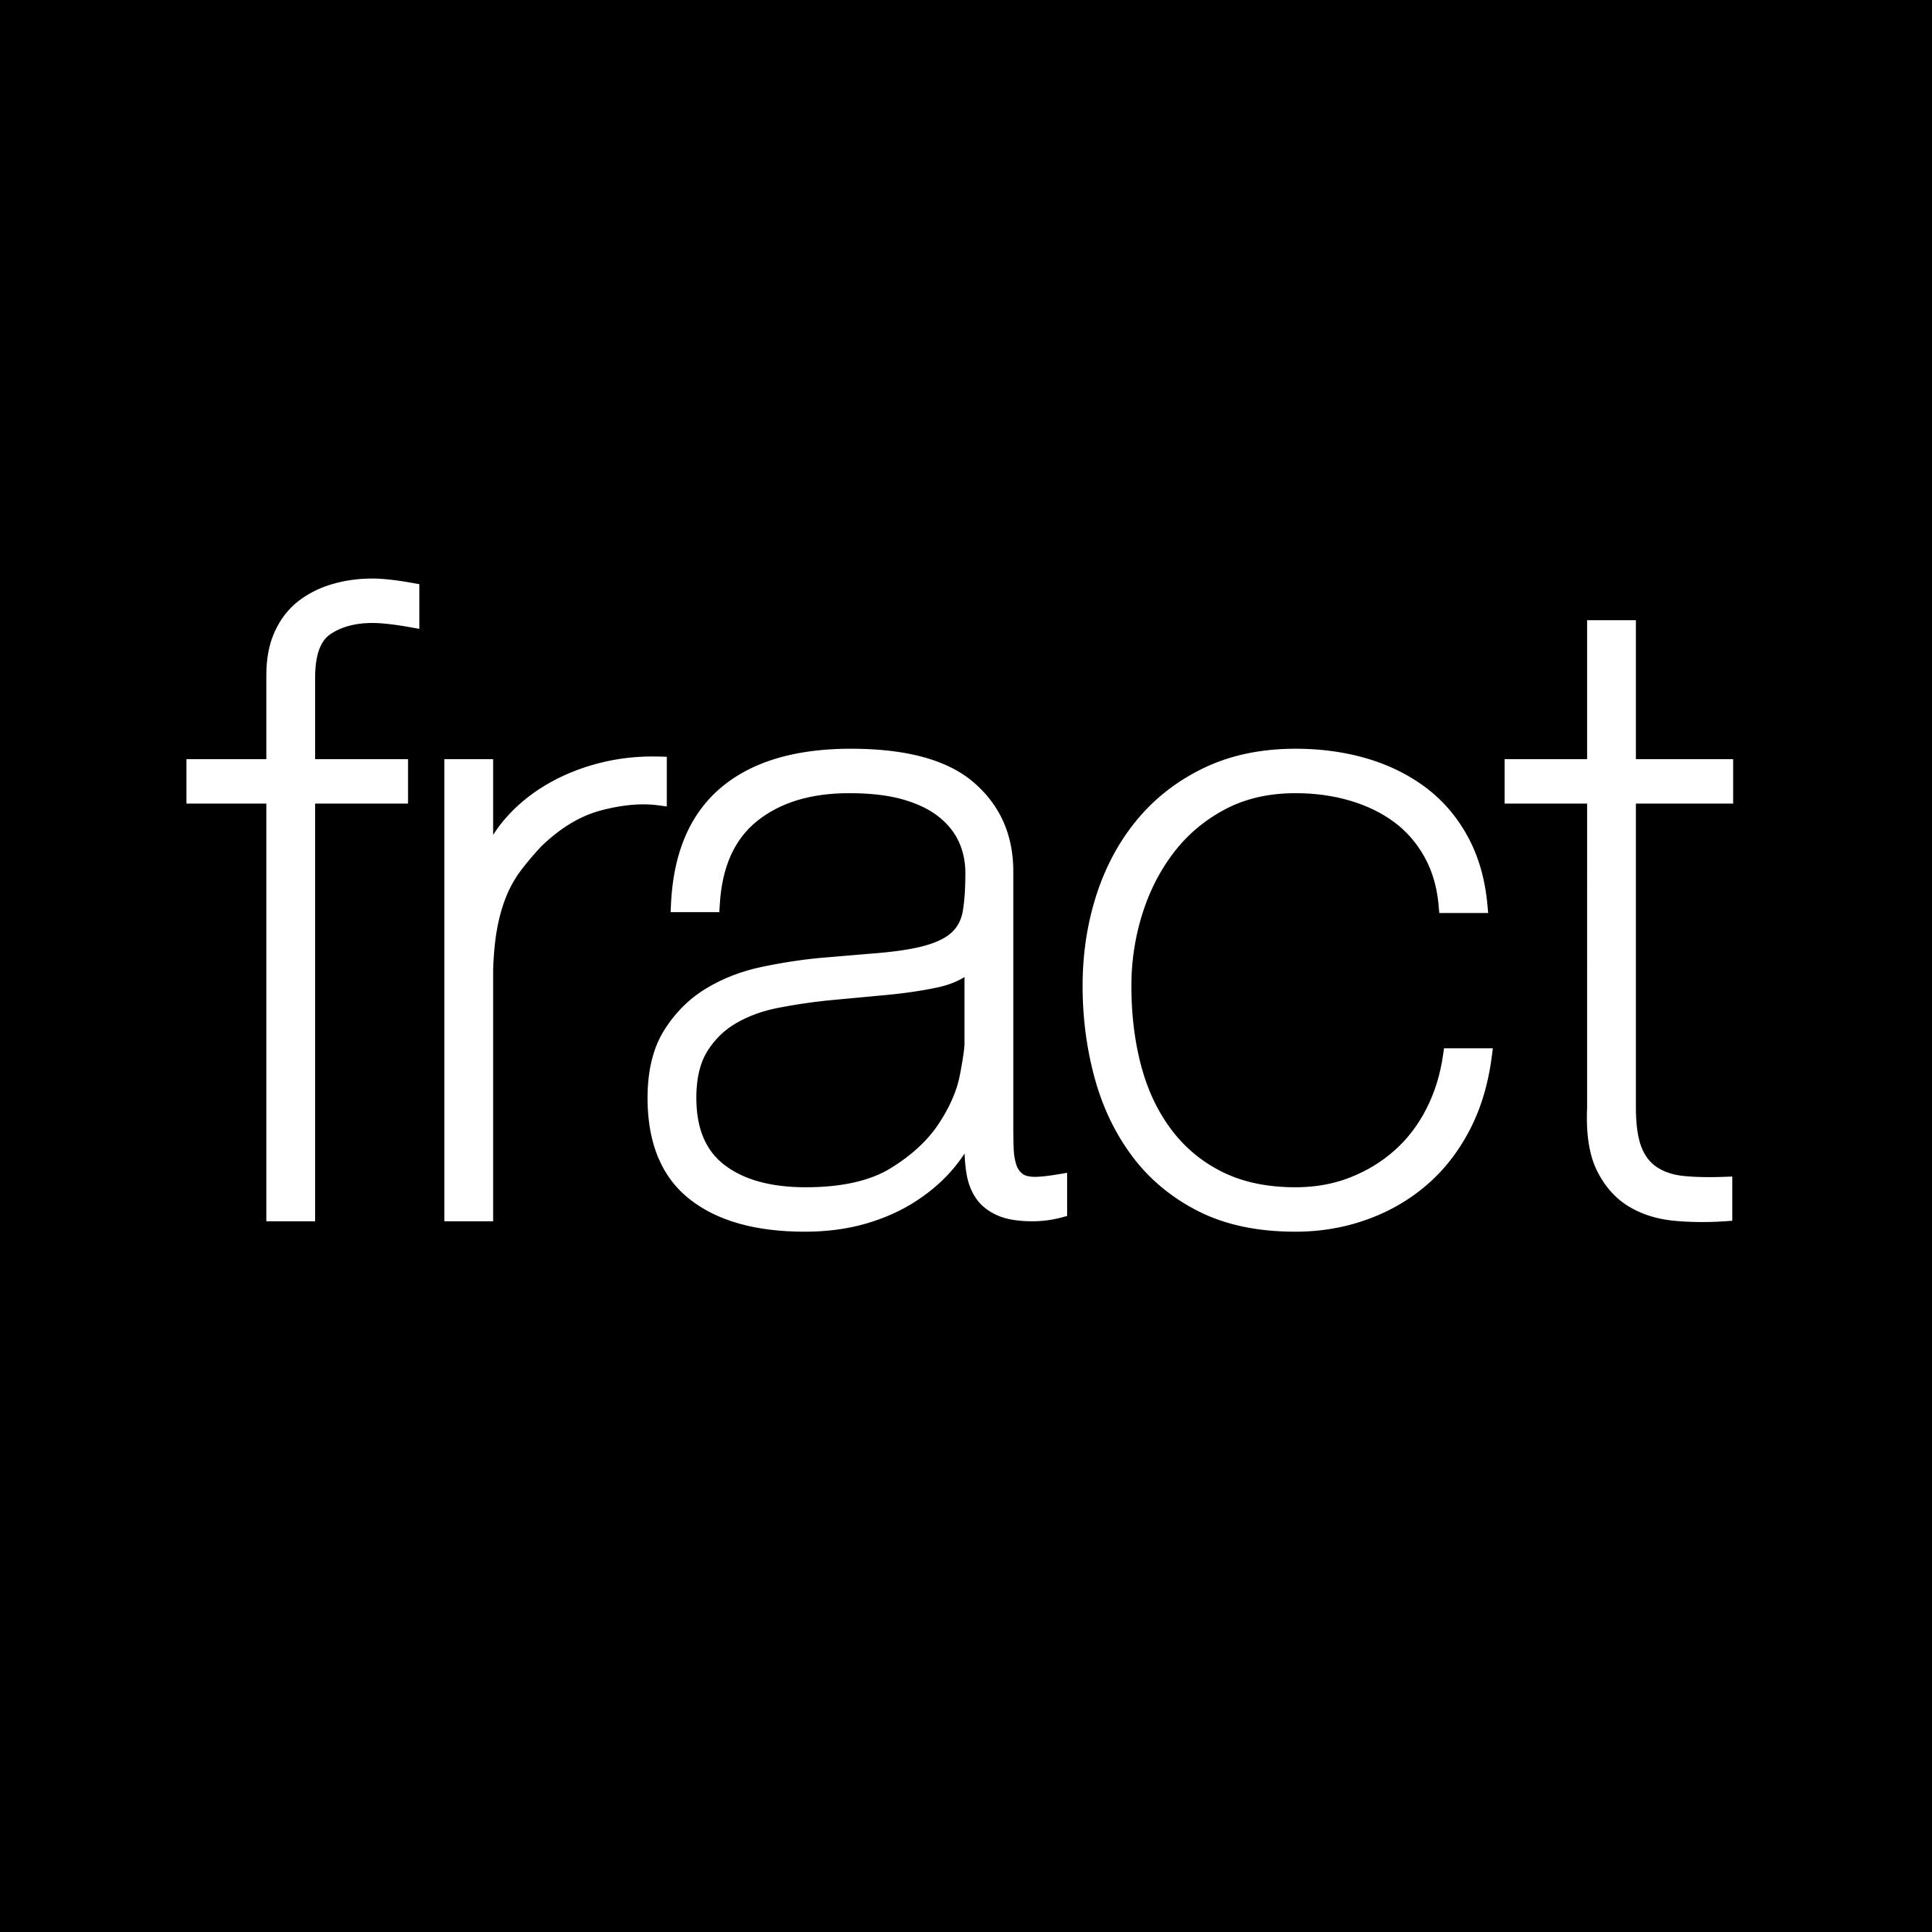 Fract Logo